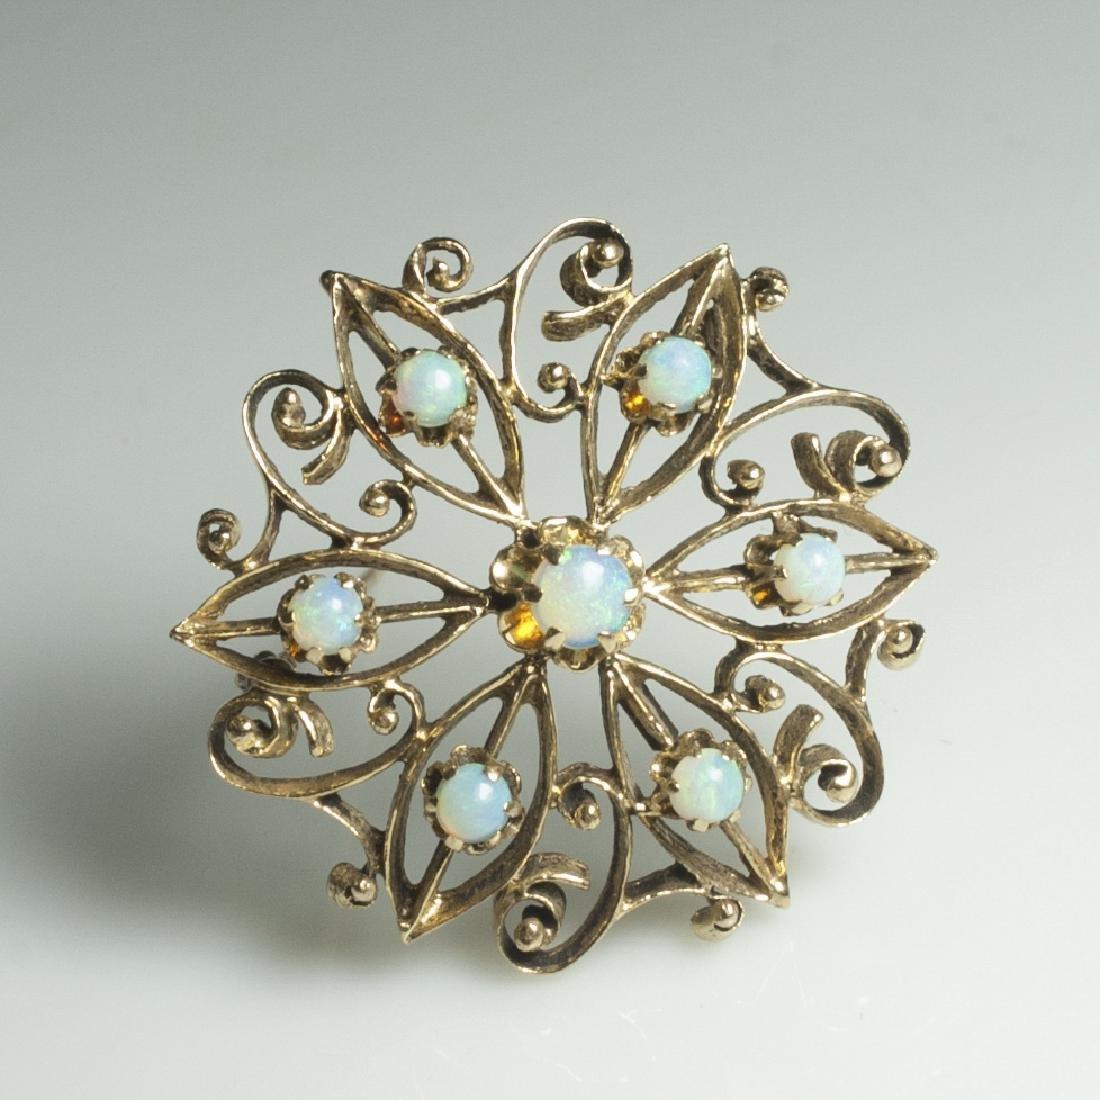 14kt Gold & Opal Pin